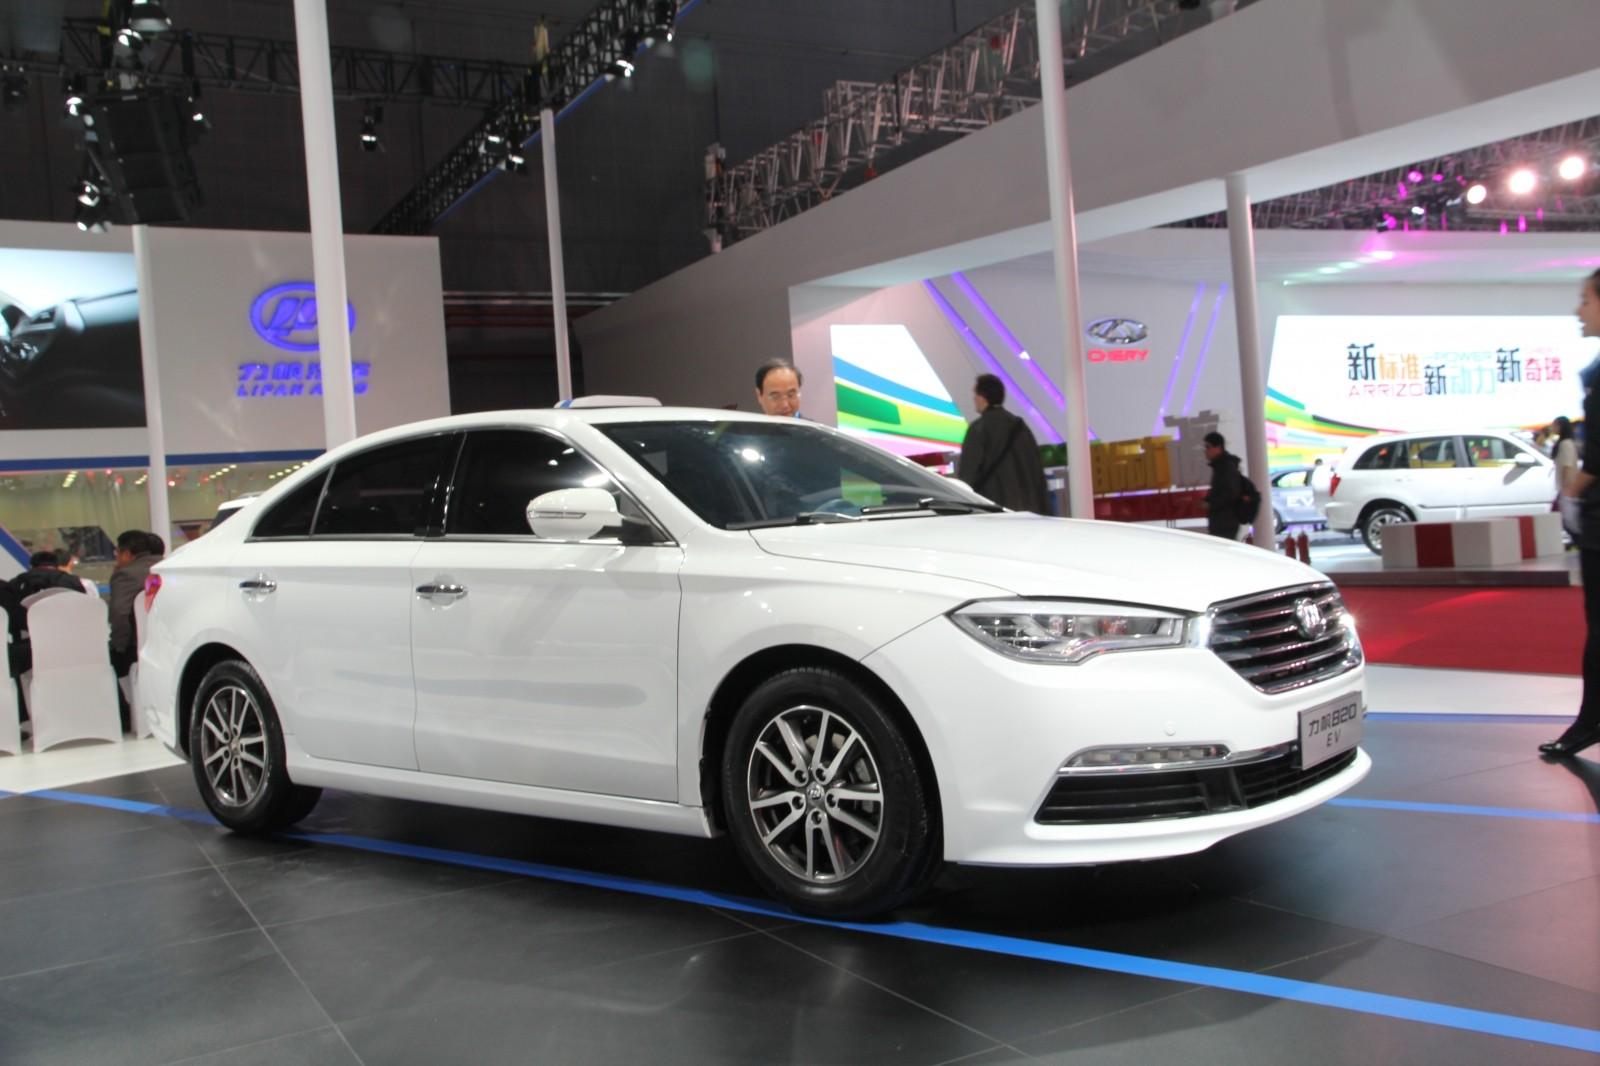 Новый электромобиль Лифан появится нарынке кконцу 2015 года